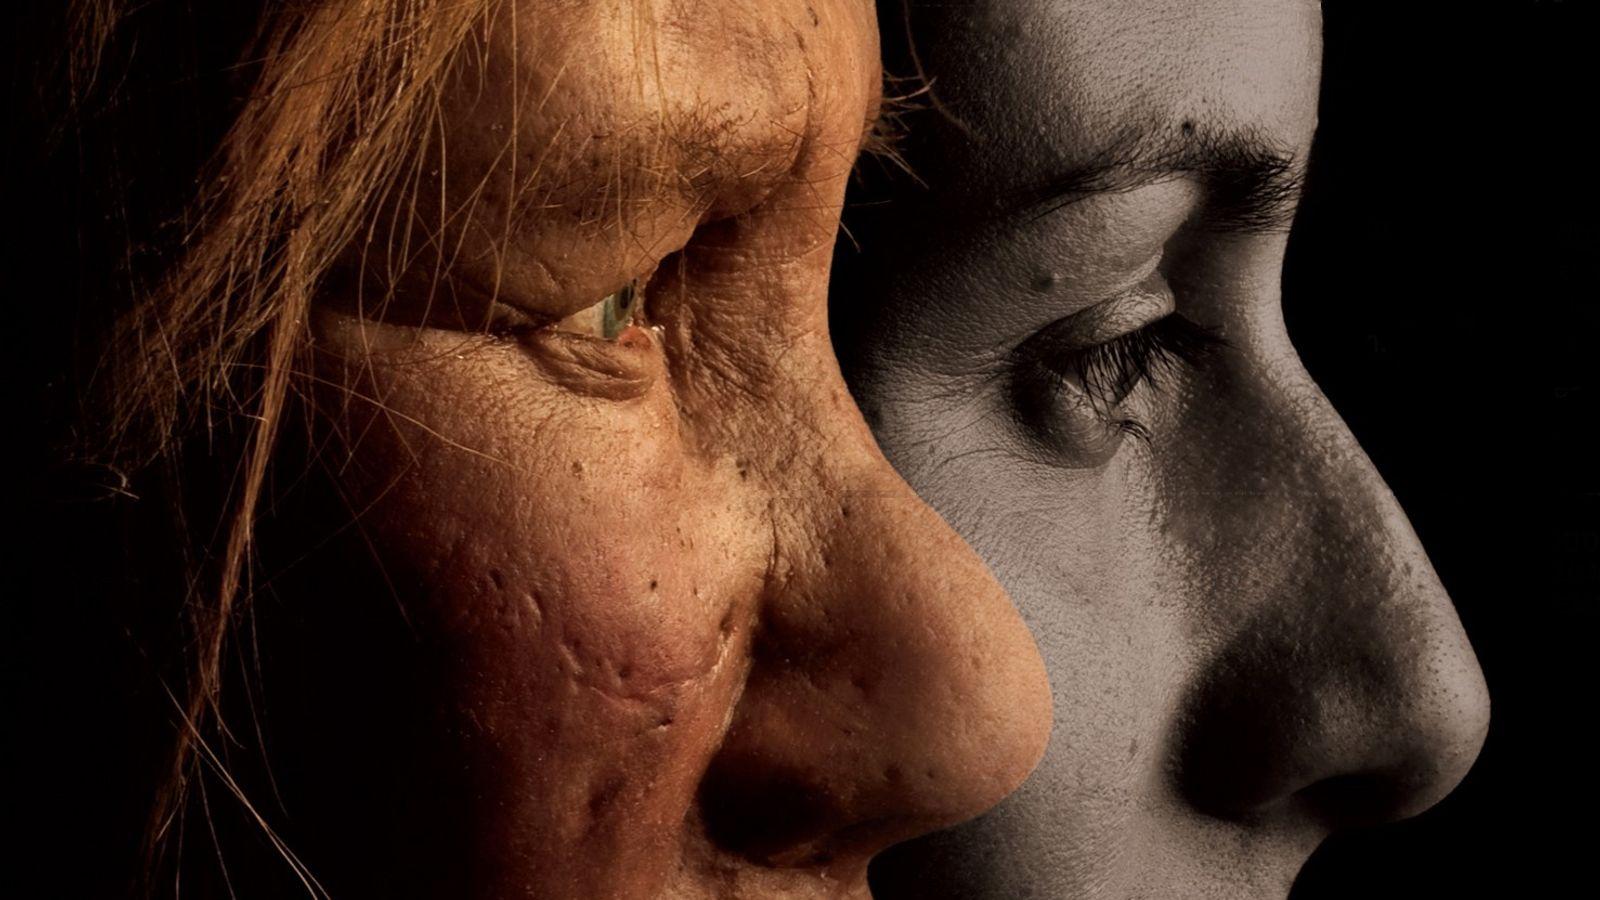 Comparaison de l'anatomie d'un Néandertalien avec celle d'un être humain moderne.